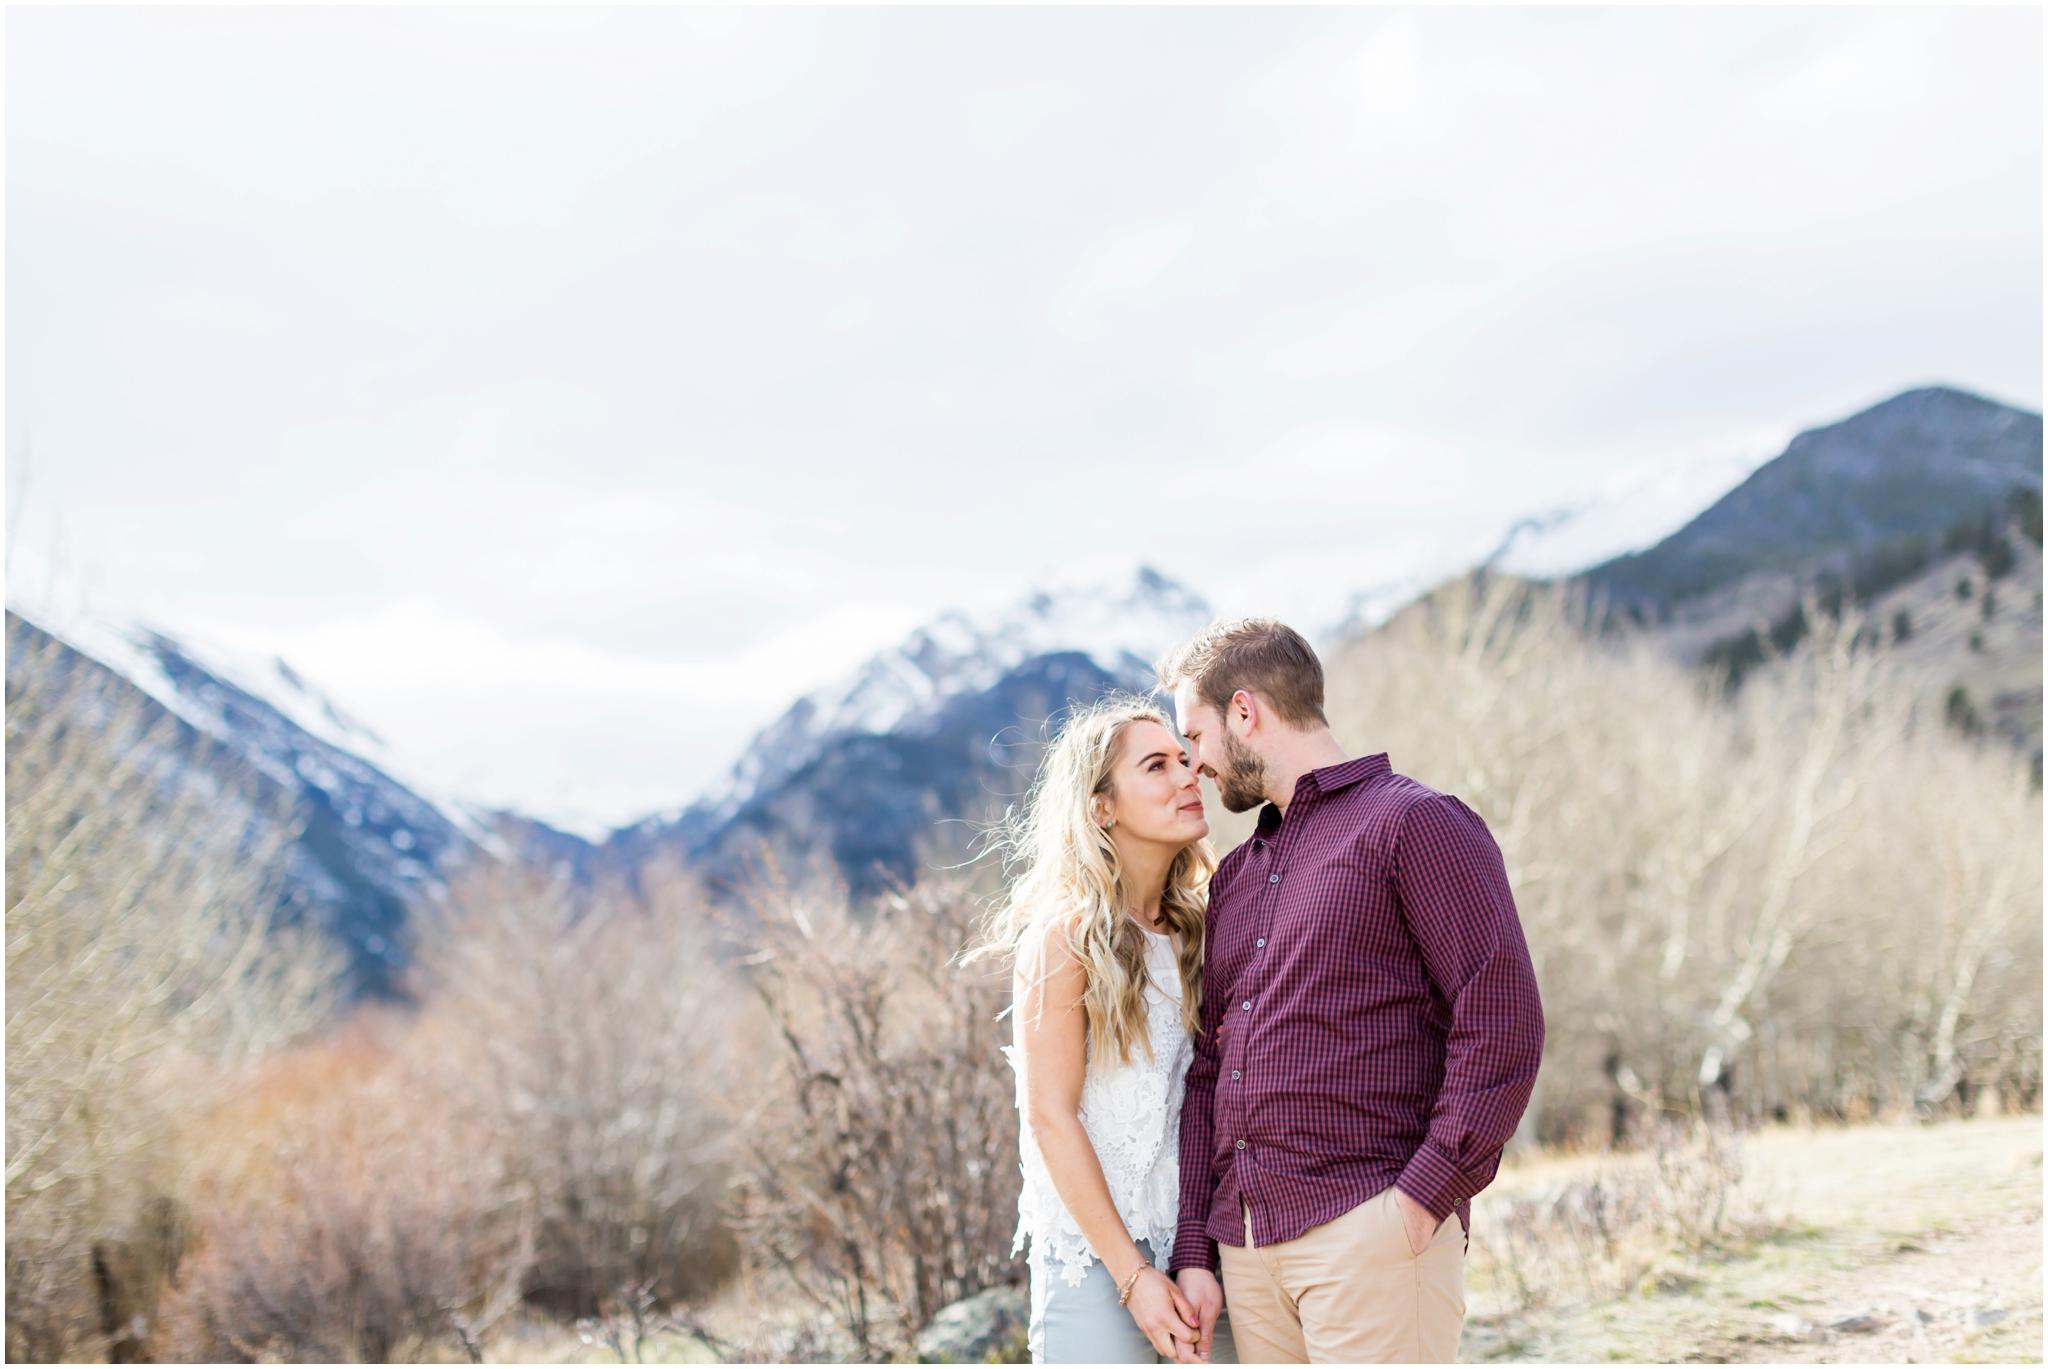 Rocky Mountain National Park Elopement Photographer.JPG